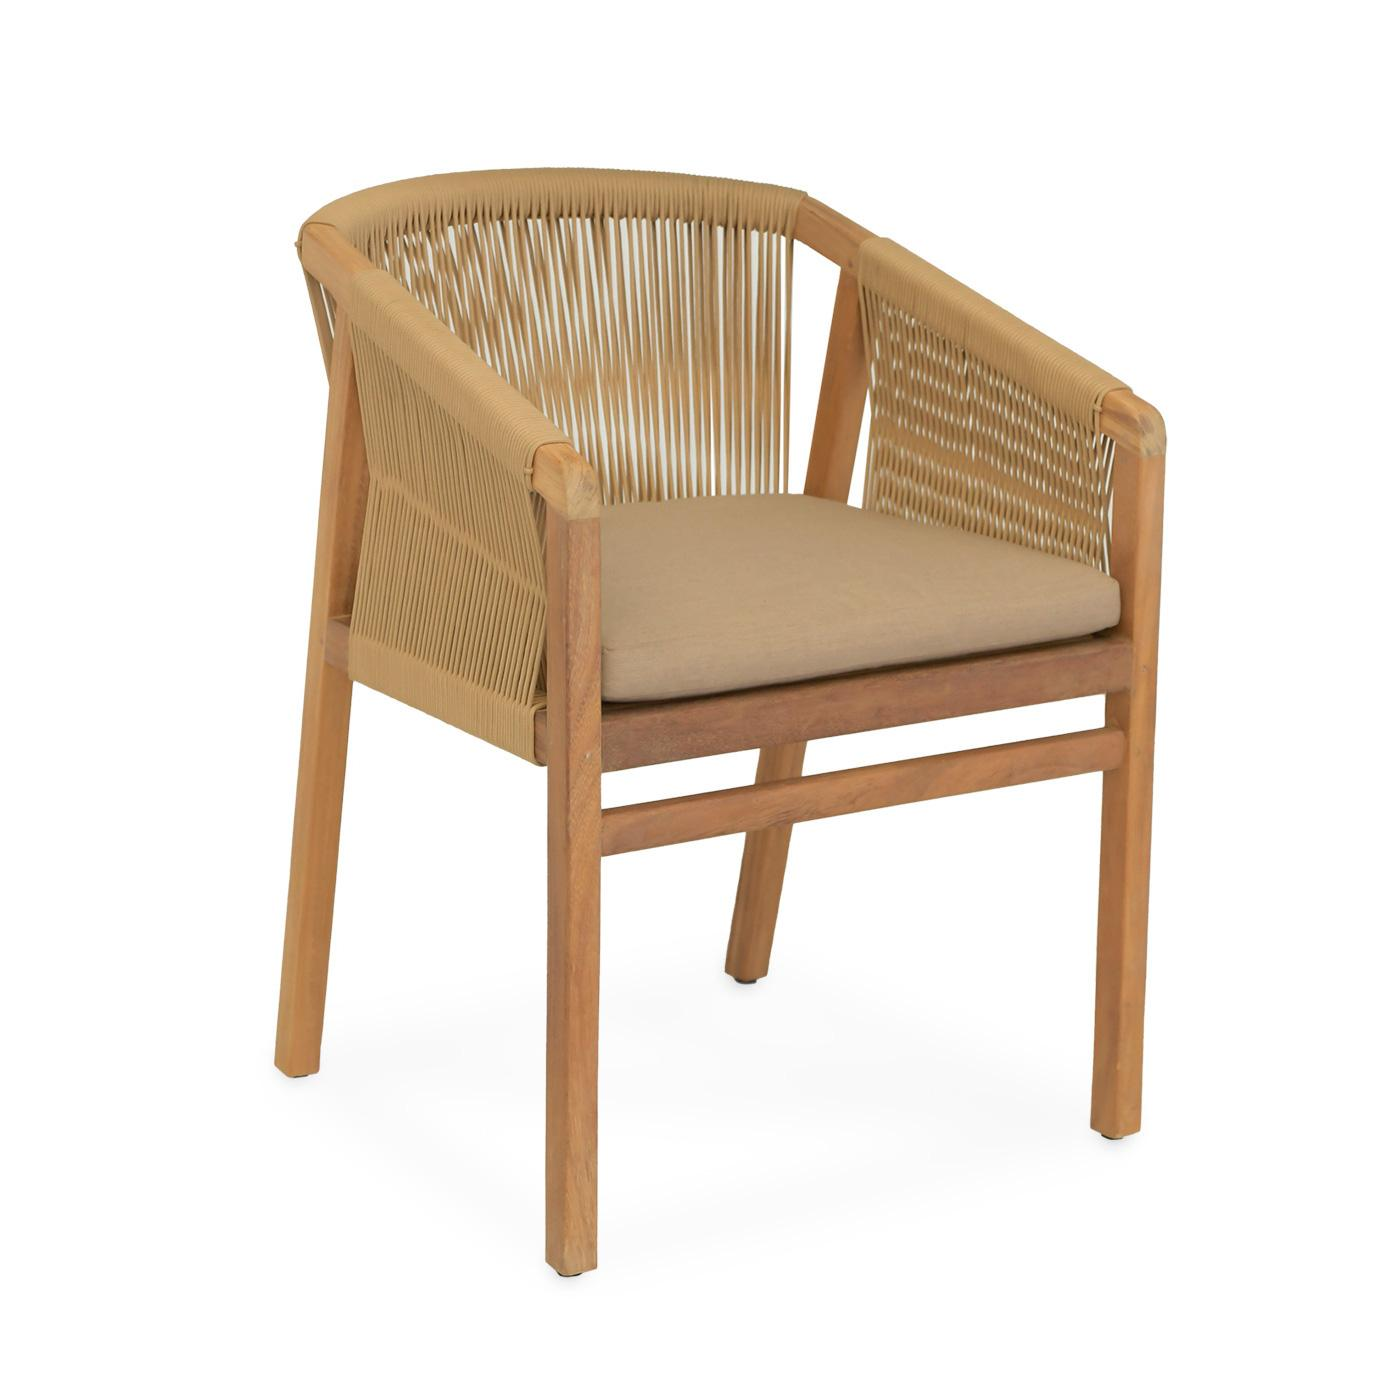 savanna-chair-beige-1